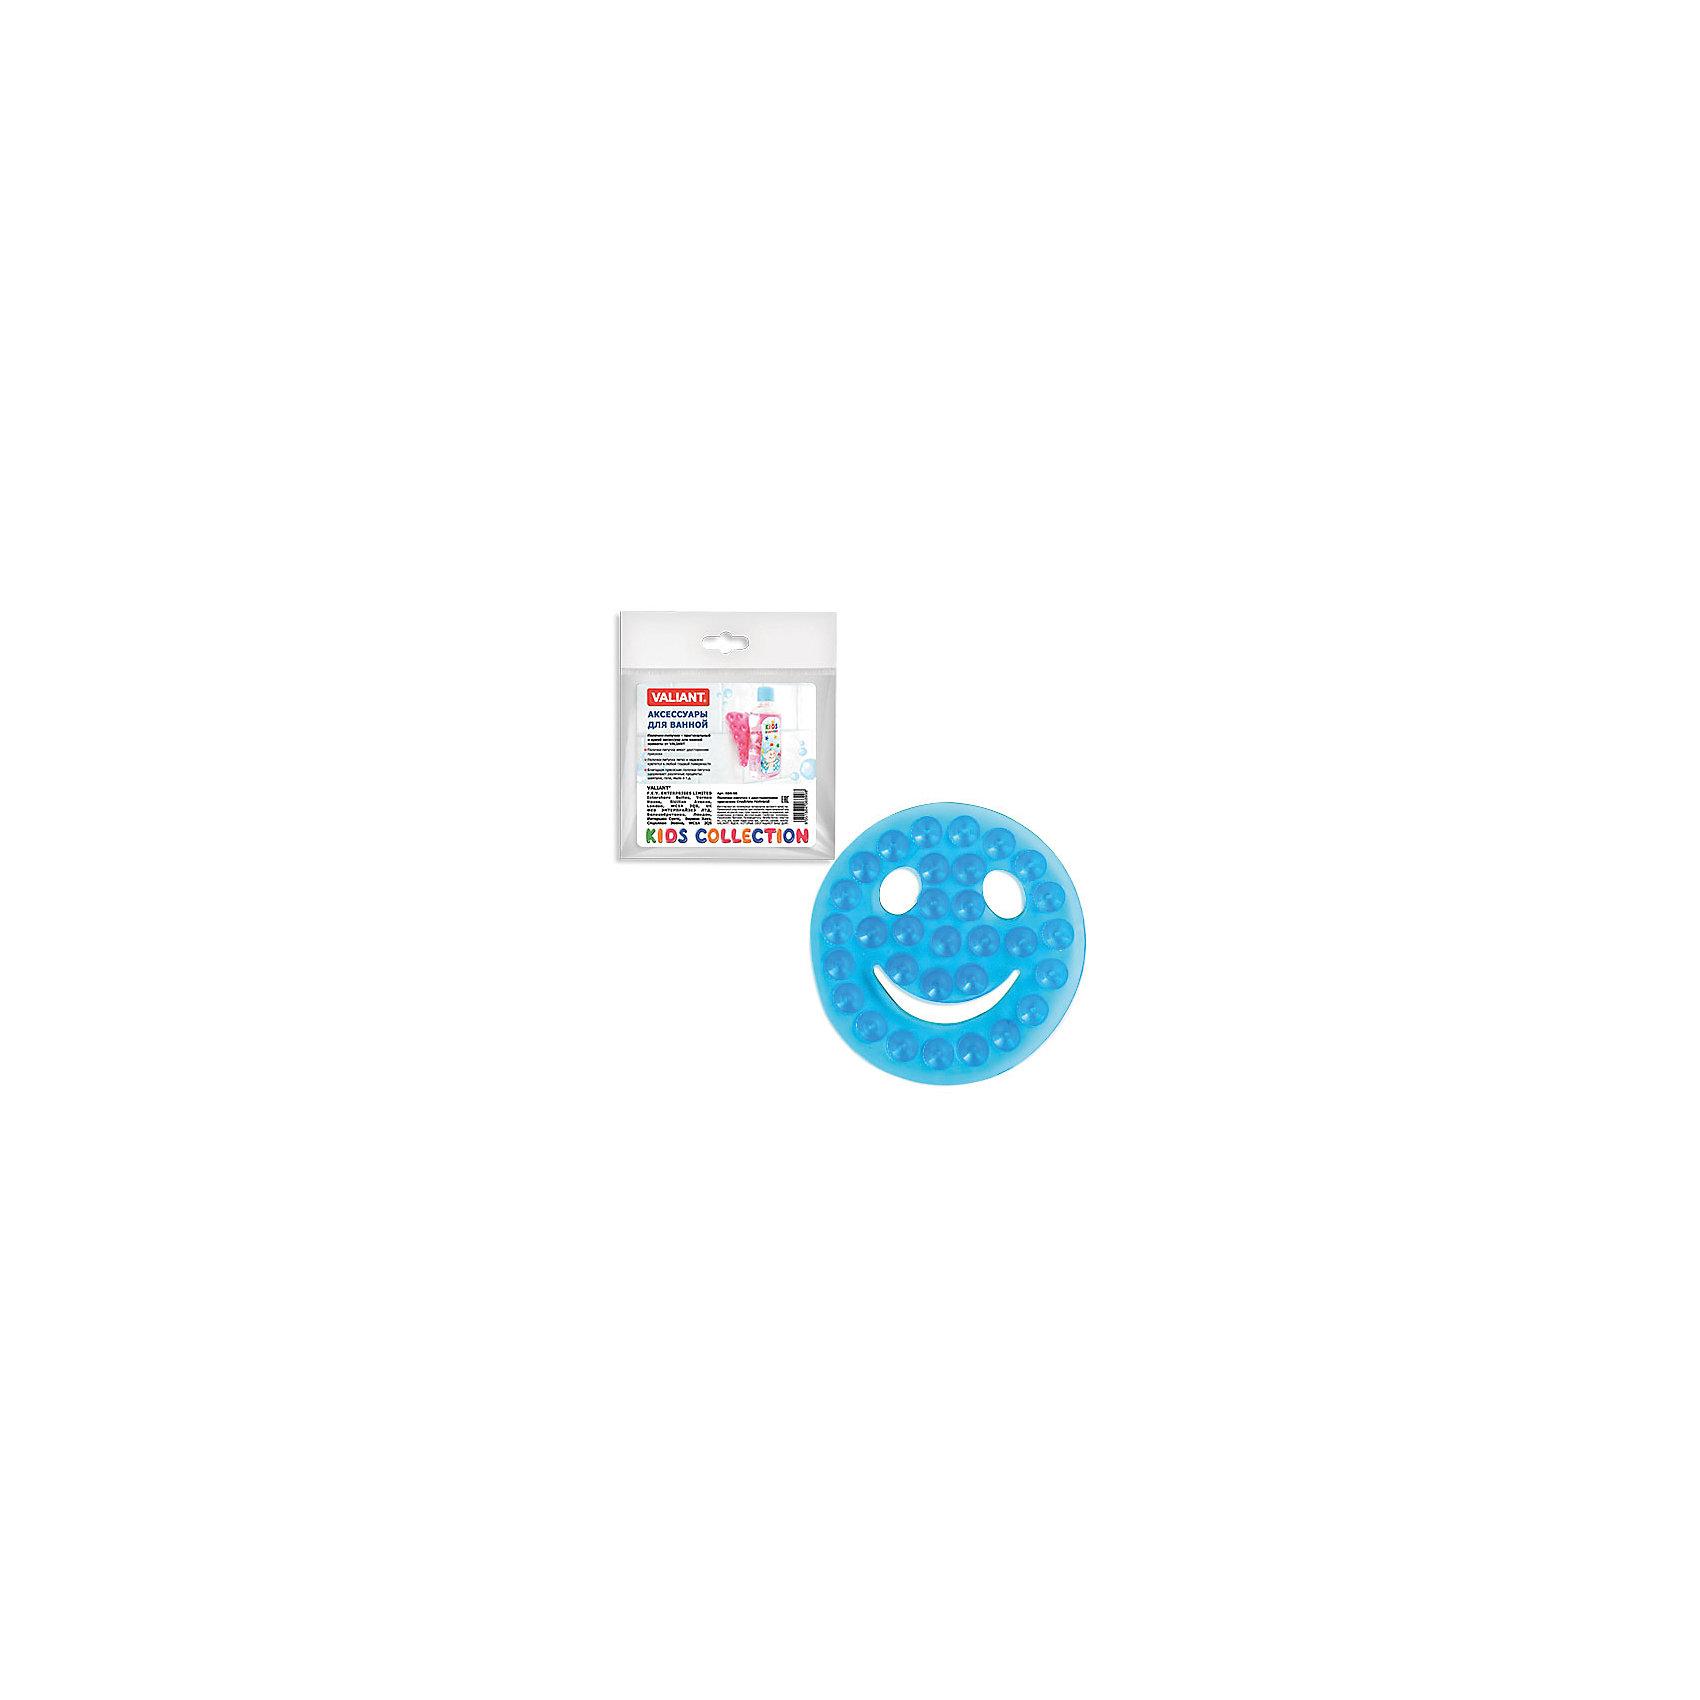 Полочка-липучка Голубой смайлик с двусторонними присоскамиВанная комната<br>Полочка-липучка - это оригинальная игрушка для купания Вашего малыша, а так же функциональное решение по удобному креплению аксессуаров для ванной комнаты: шампуни, жидкое мыло и т.д.<br><br>Дополнительная информация: <br><br>- размер: 8 * 8 см.<br>- материал: полимеры<br><br>Полочку-липучка  Голубой смайлик с двусторонними присосками можно купить в нашем интернет-магазине.<br><br>Ширина мм: 135<br>Глубина мм: 8<br>Высота мм: 160<br>Вес г: 17<br>Возраст от месяцев: -2147483648<br>Возраст до месяцев: 2147483647<br>Пол: Унисекс<br>Возраст: Детский<br>SKU: 4563412